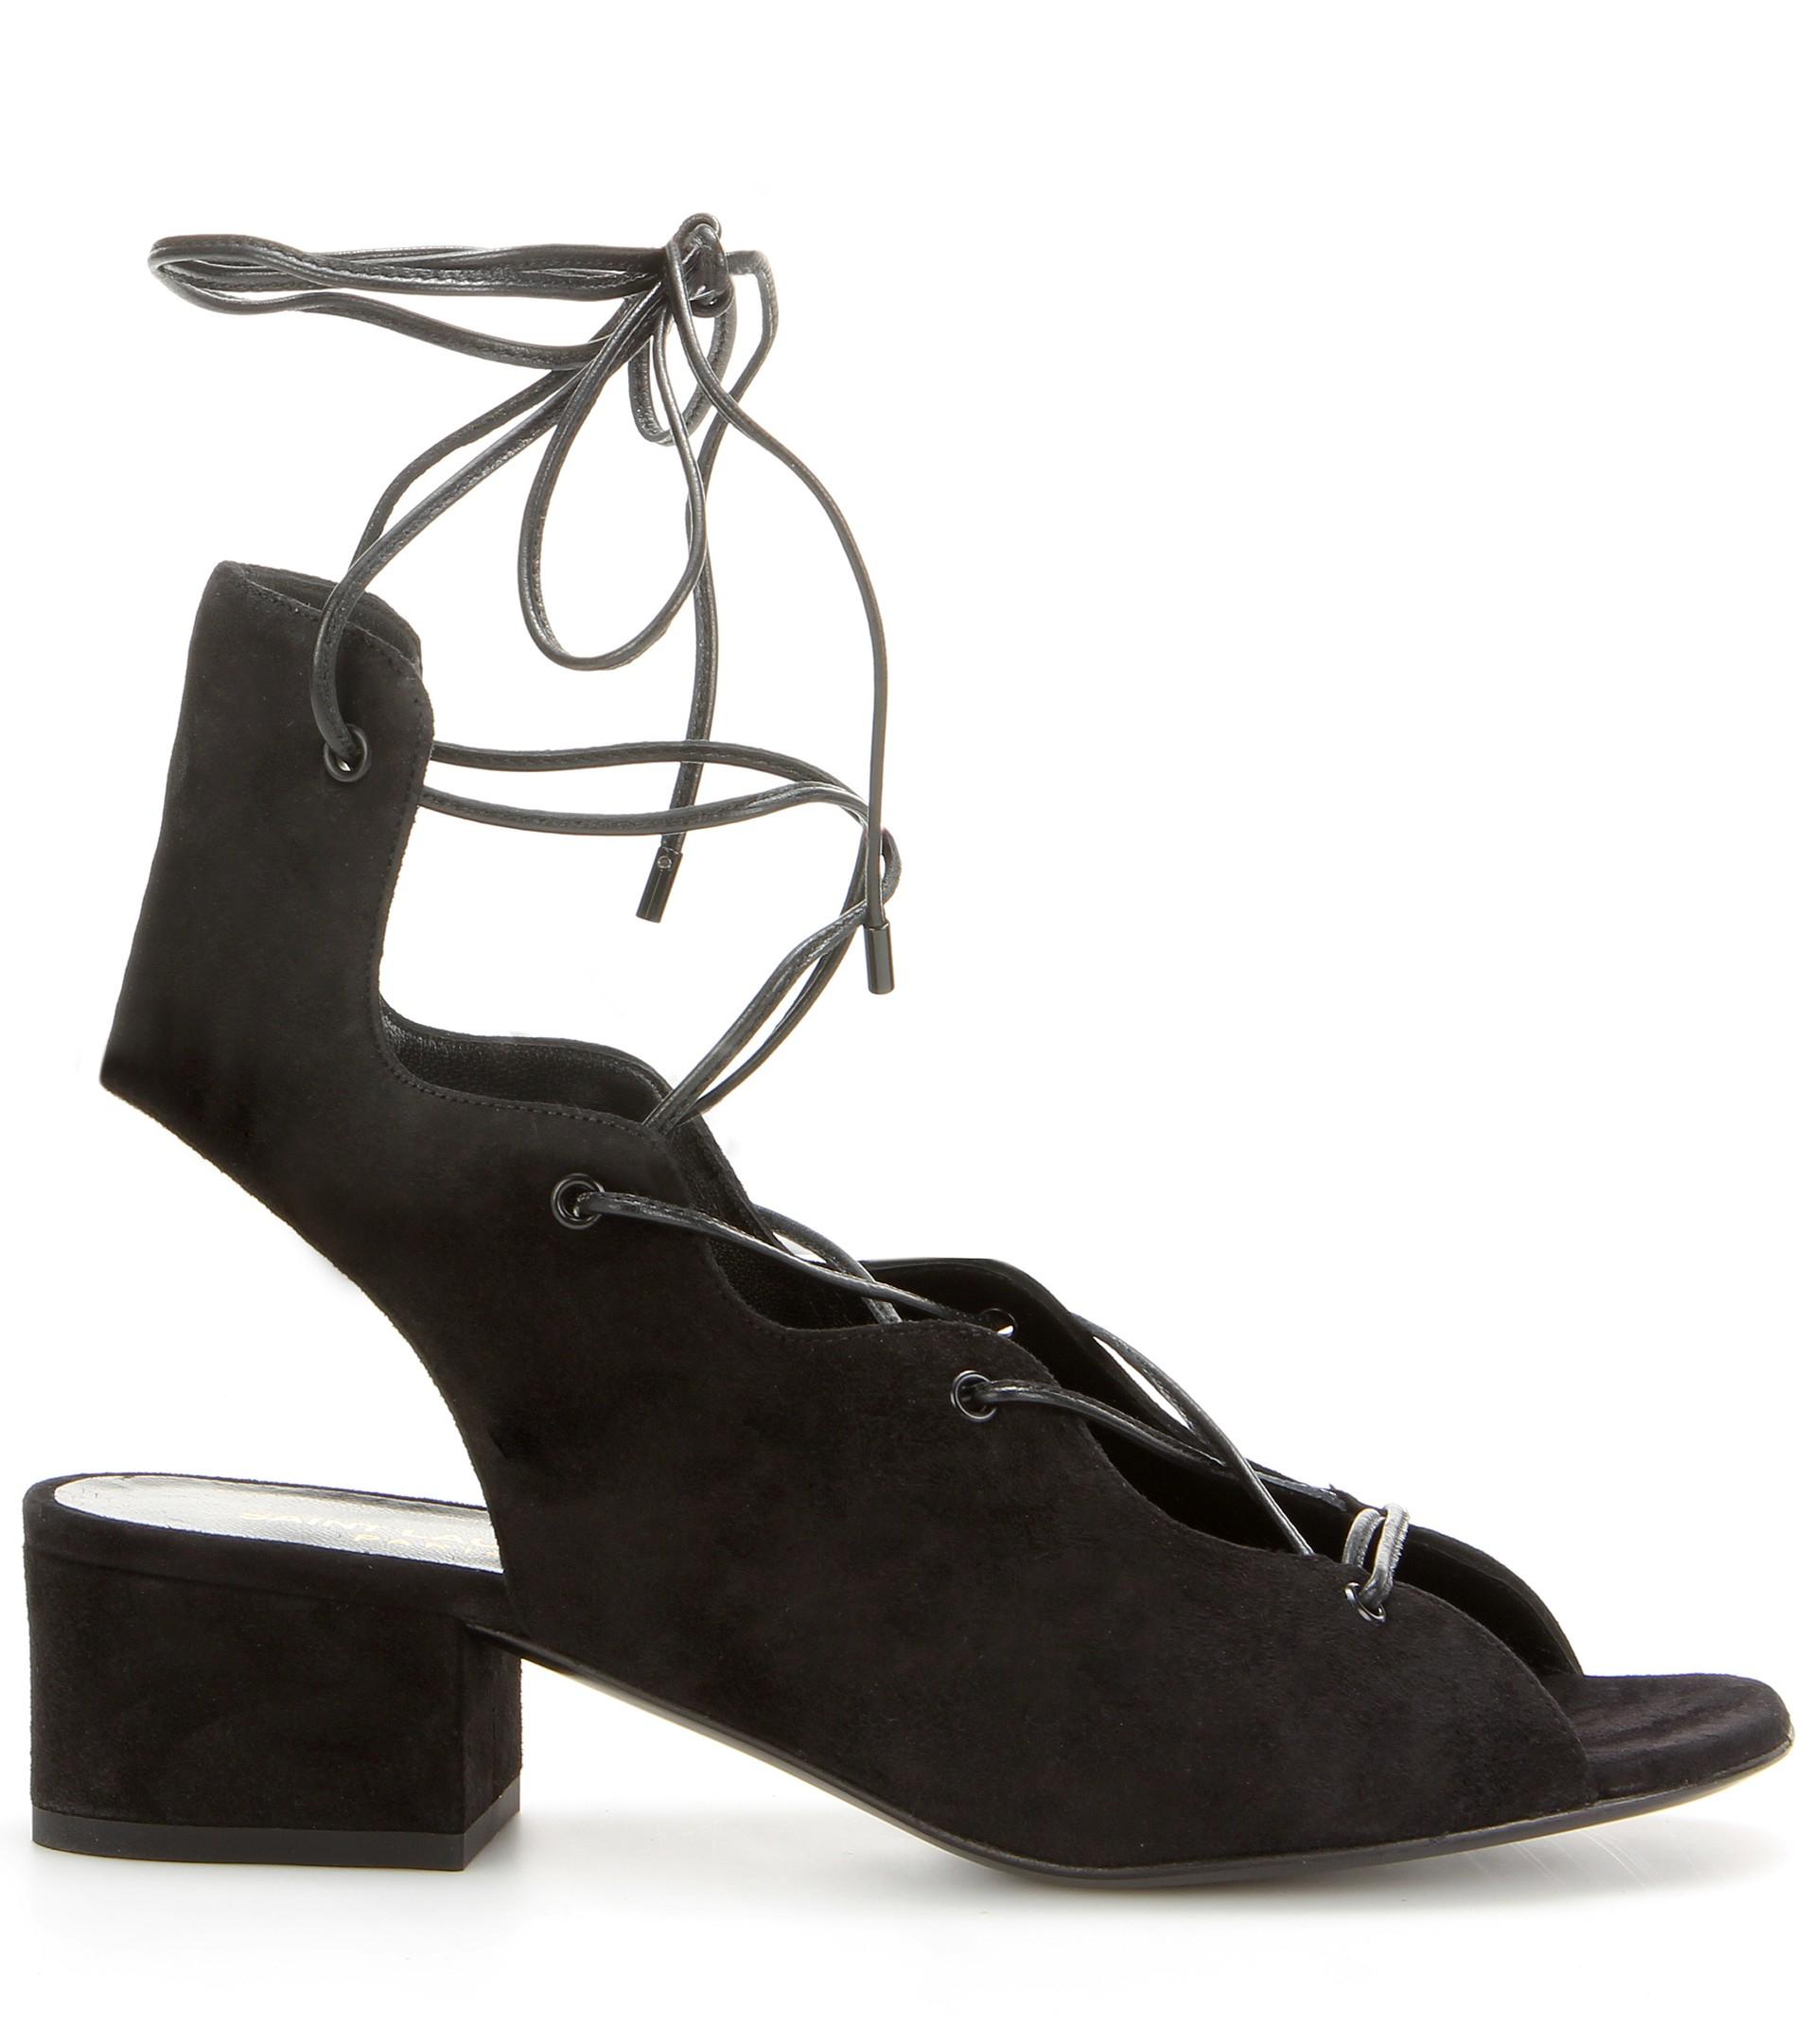 Black newborn sandals - Gallery